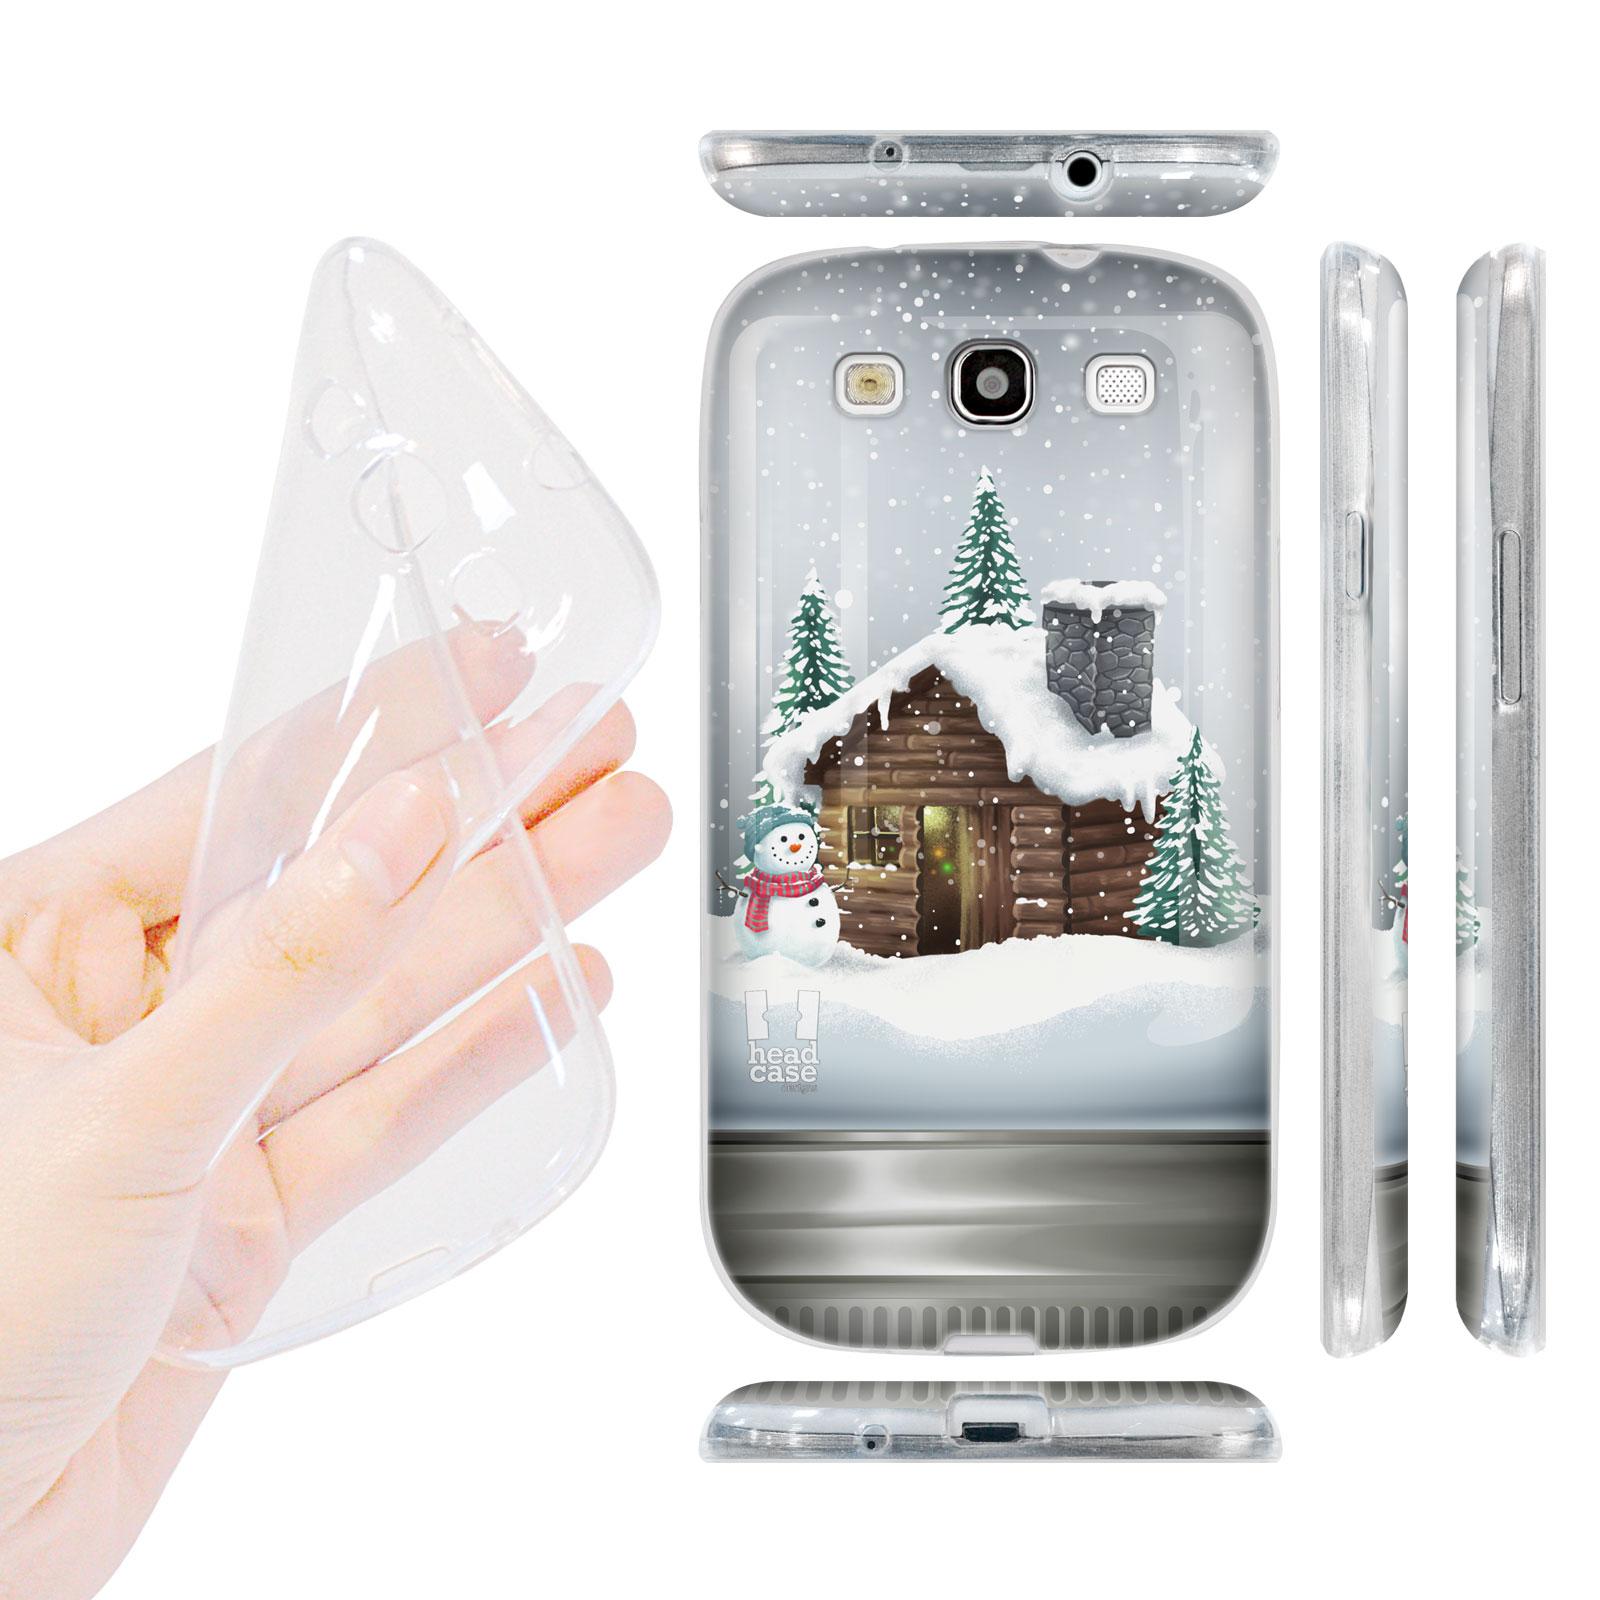 HEAD CASE silikonový obal na mobil Galaxy S3 i9300 Vánoce skleněná koule  srub empty bdd09085d33